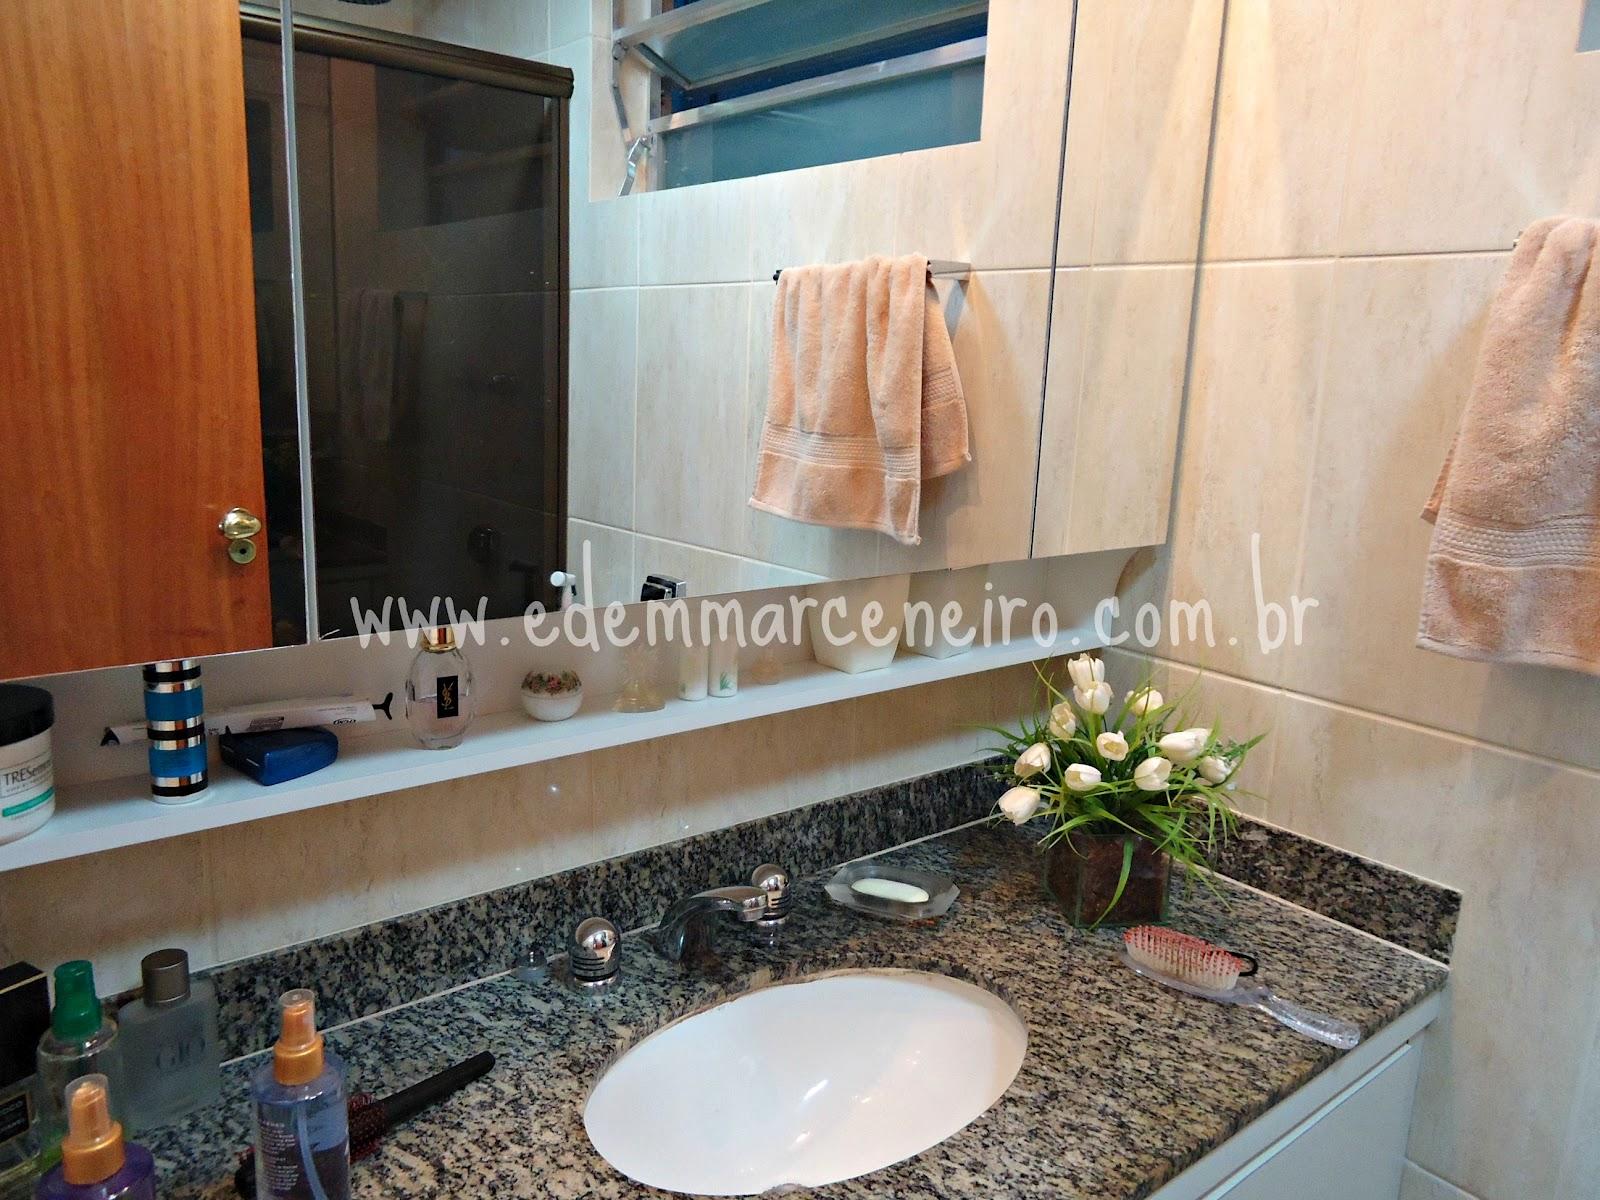 Suspenso com Espelho e Porta laqueada para Banheiro Edem Marceneiro #7C4324 1600x1200 Armario Banheiro Superior